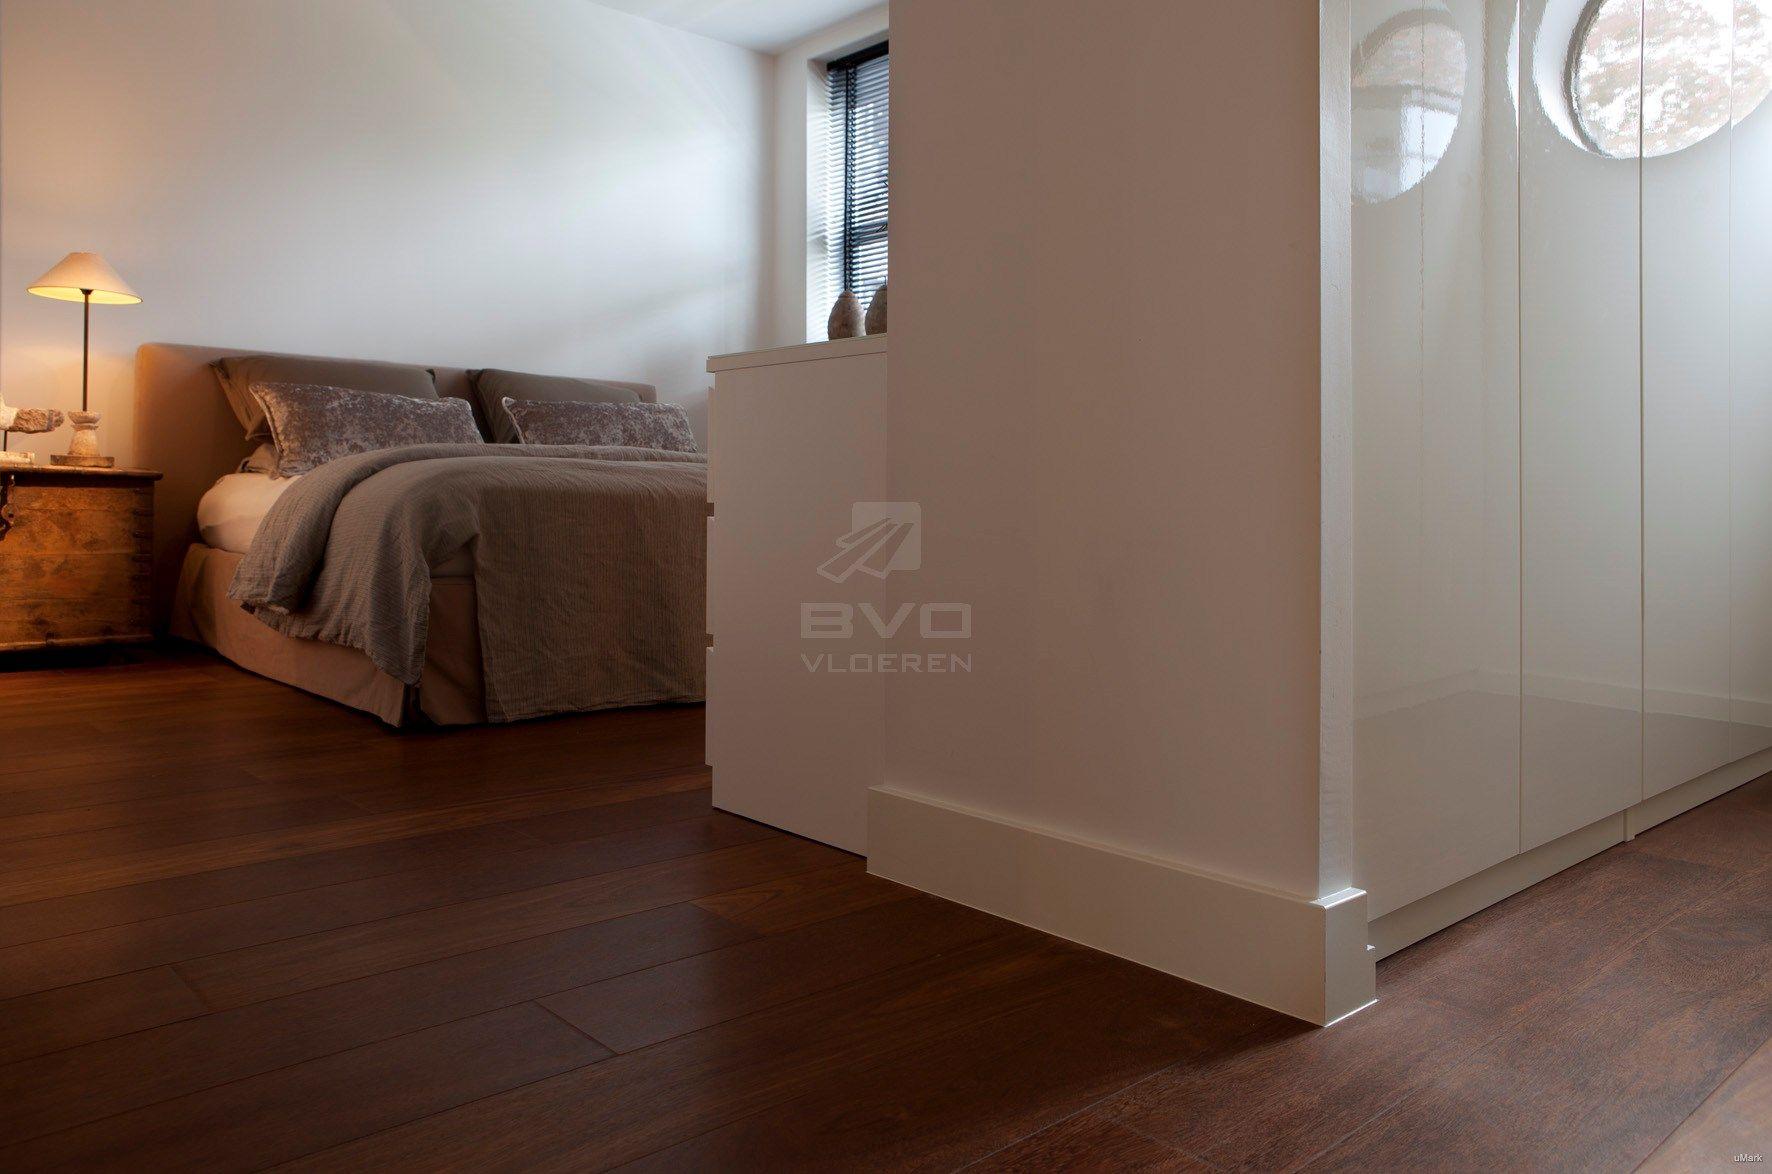 Slaapkamer Houten Vloer : Donker houten vloer in slaapkamer dressing of garderobekast mooi